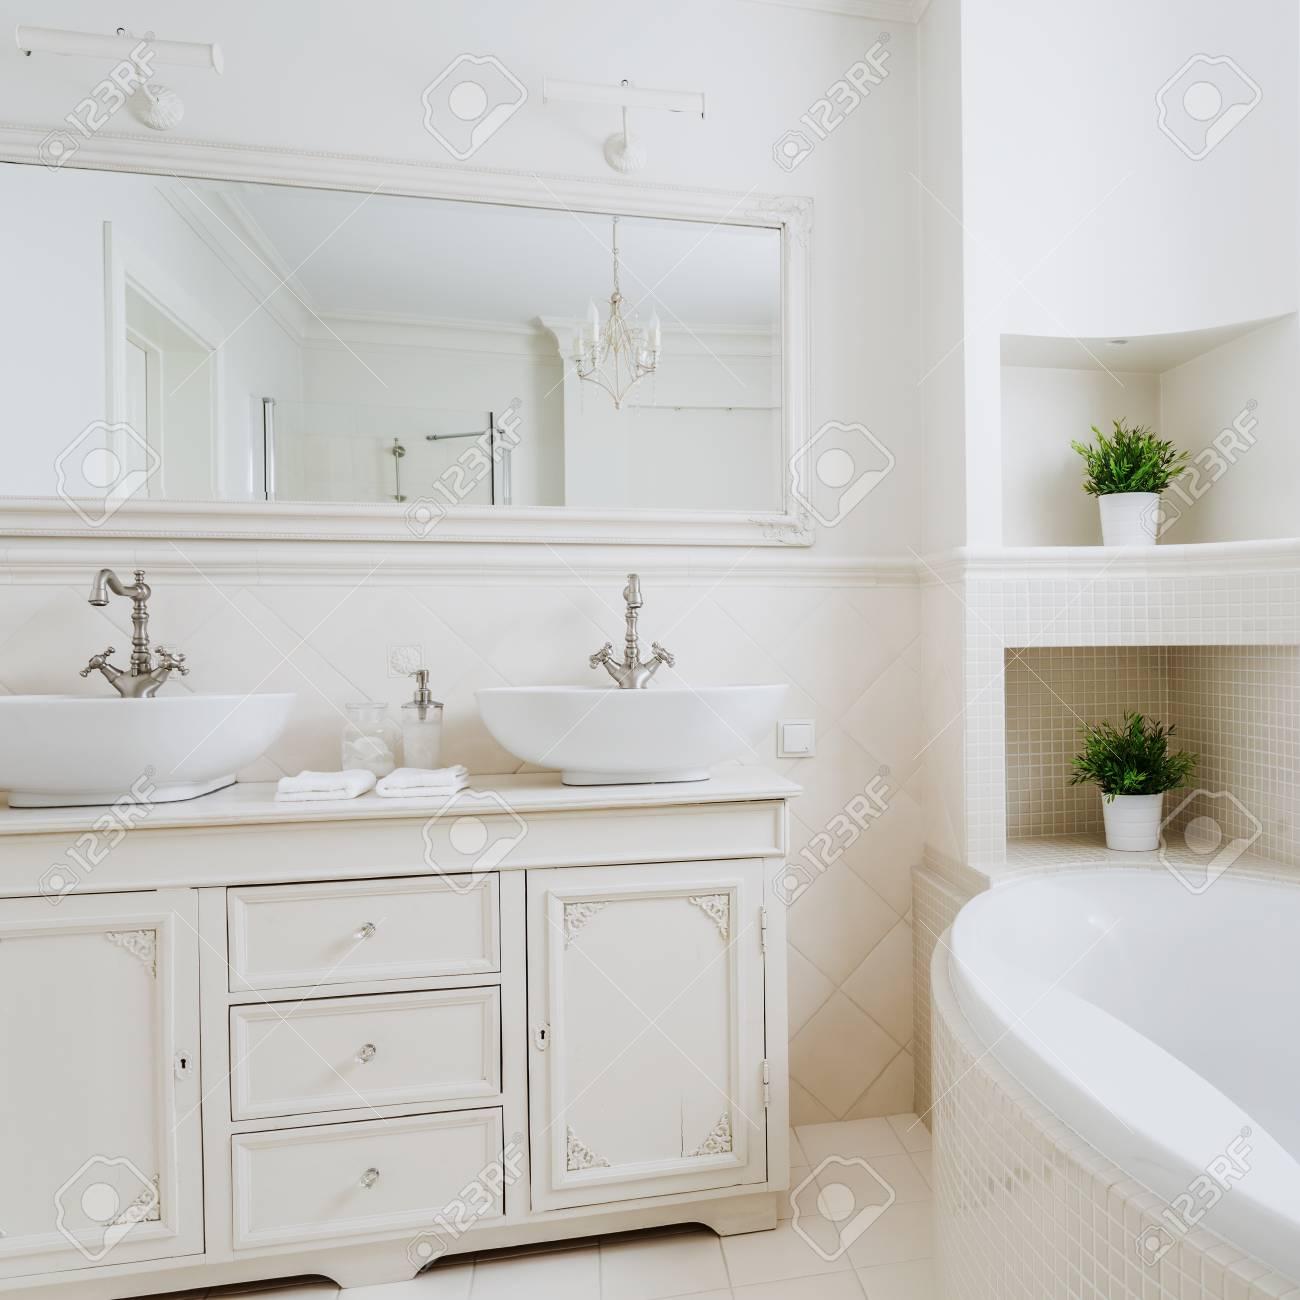 Salle De Bain De Lumiere Avec Deux Lavabos Et Grand Miroir Banque D